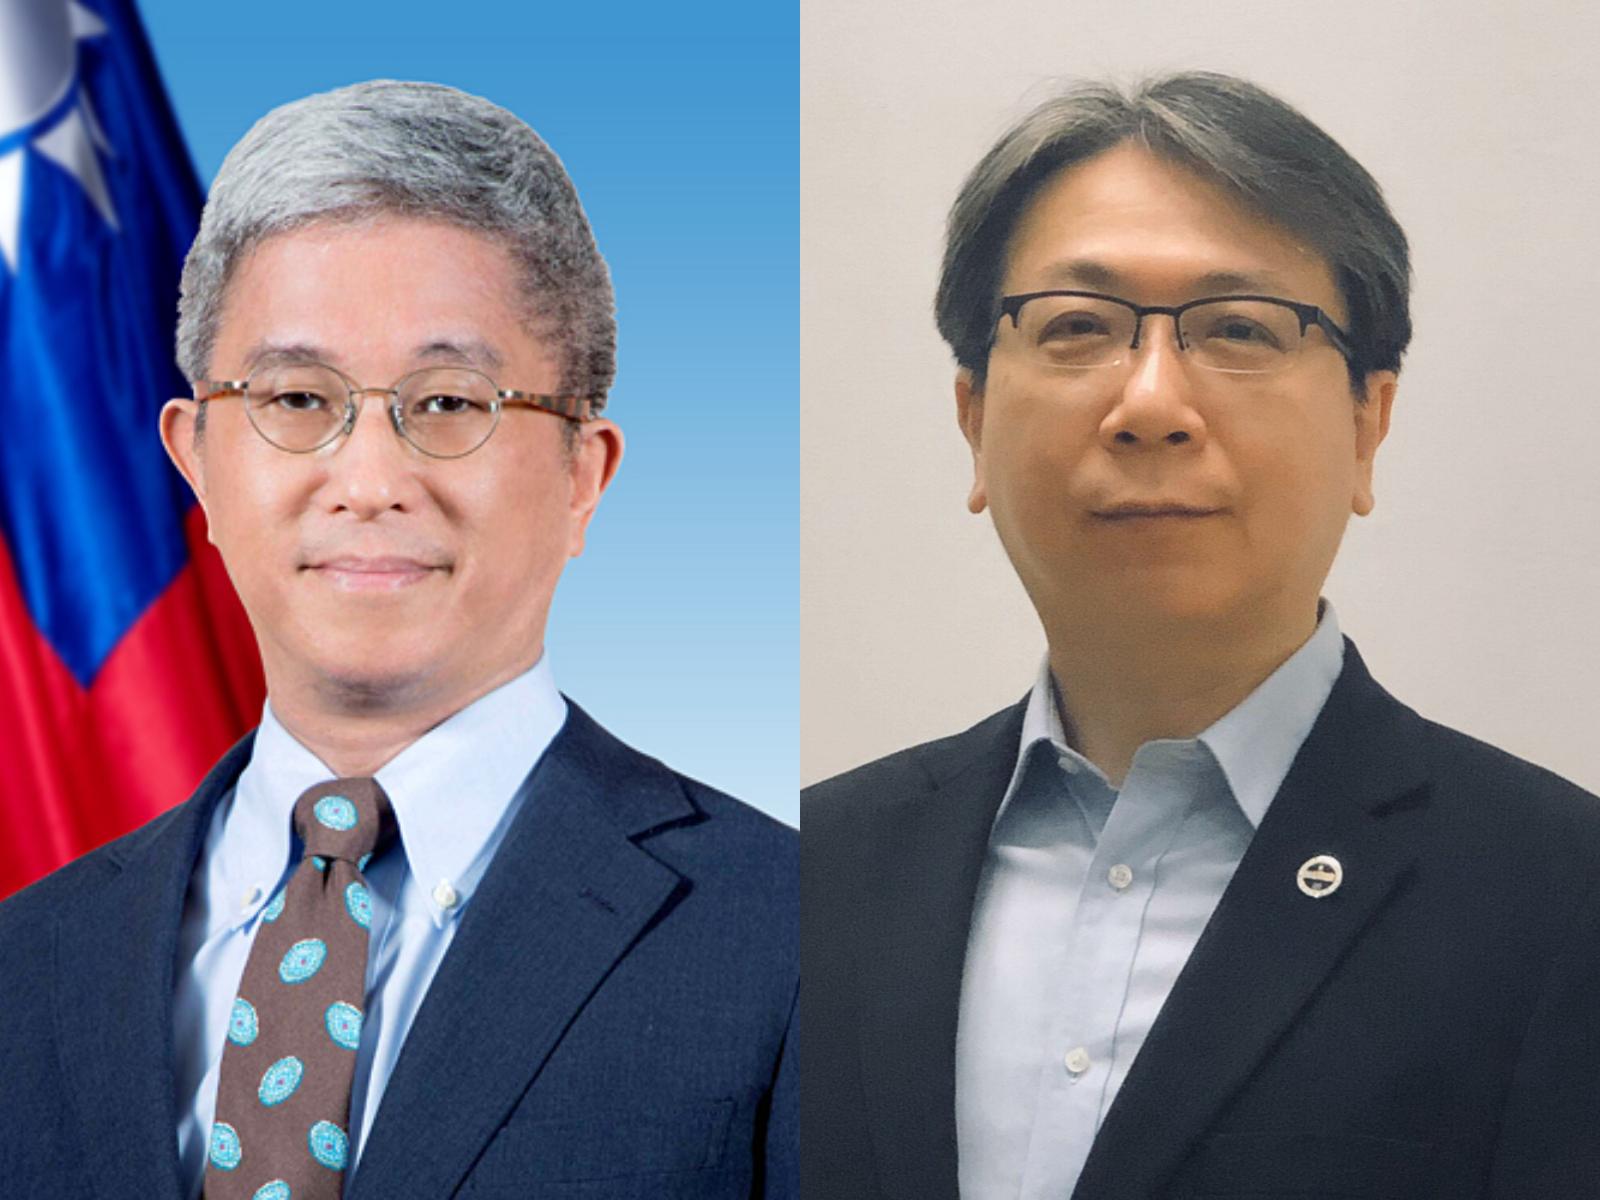 國安外交大調動:蔡明彥接歐盟代表 徐斯儉接國安會副秘